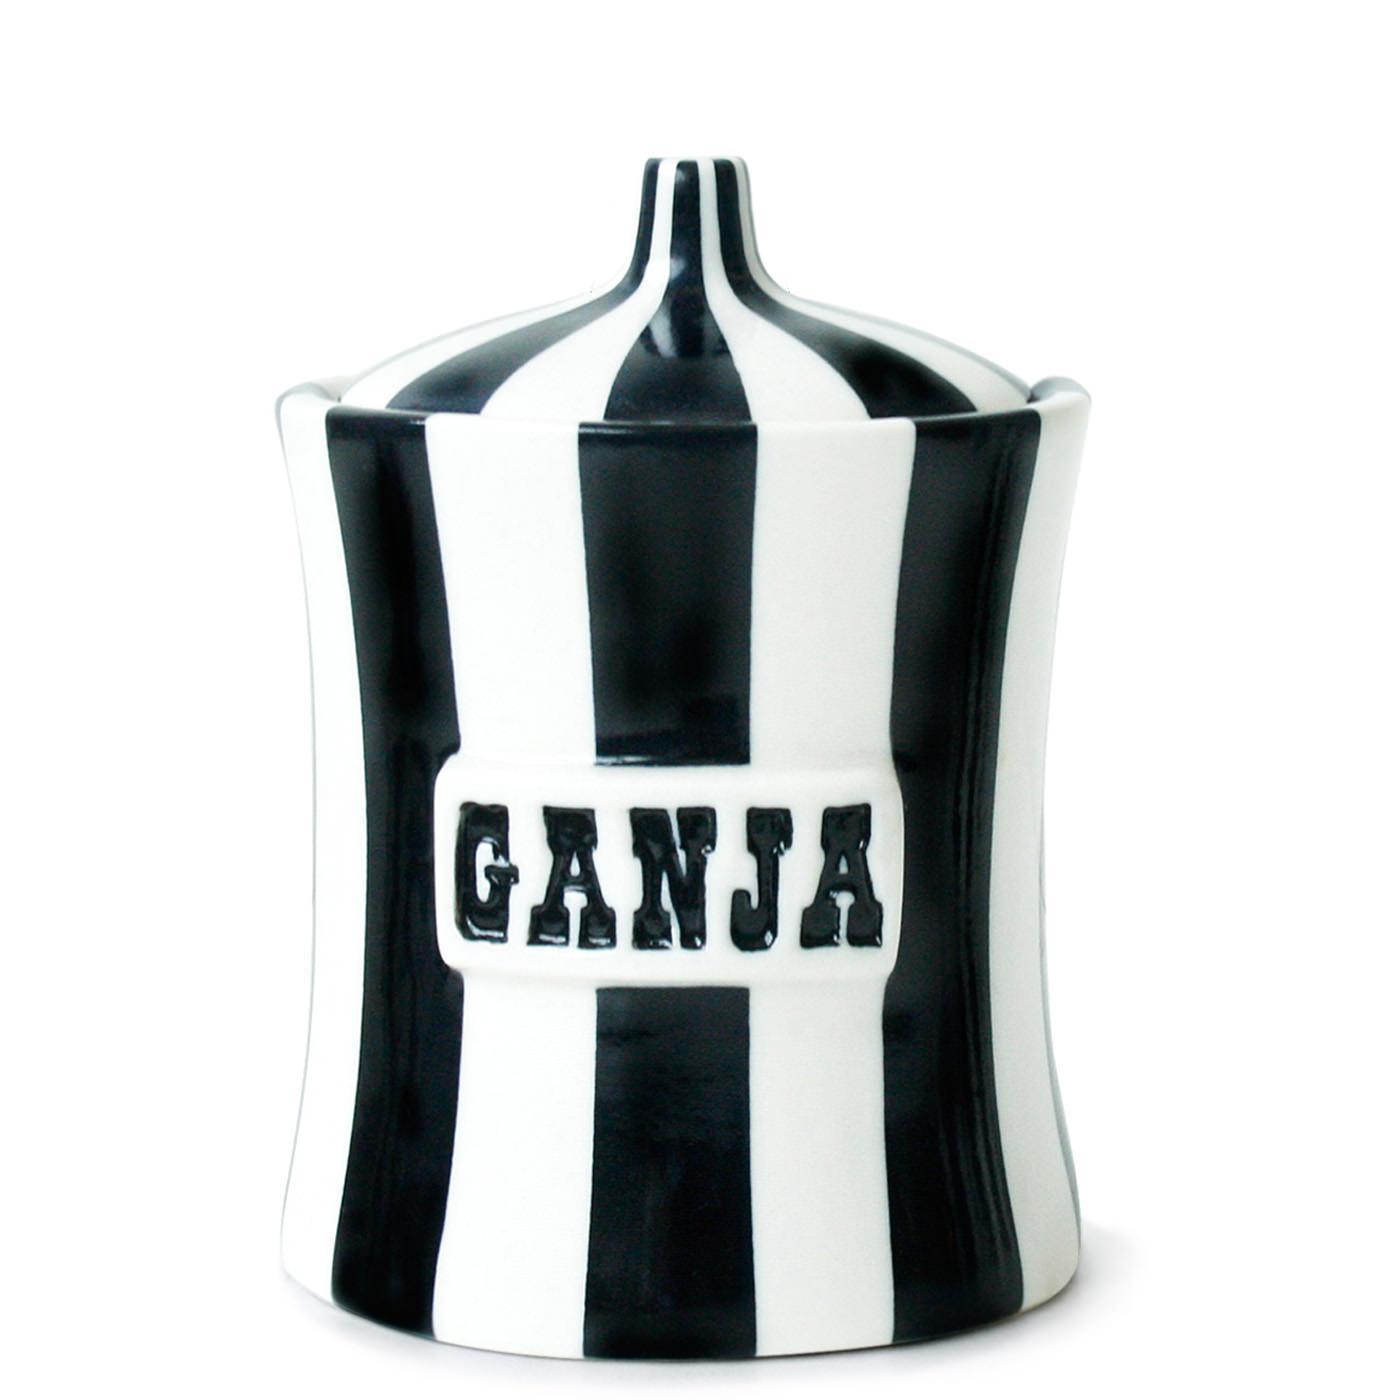 Ganja Canister